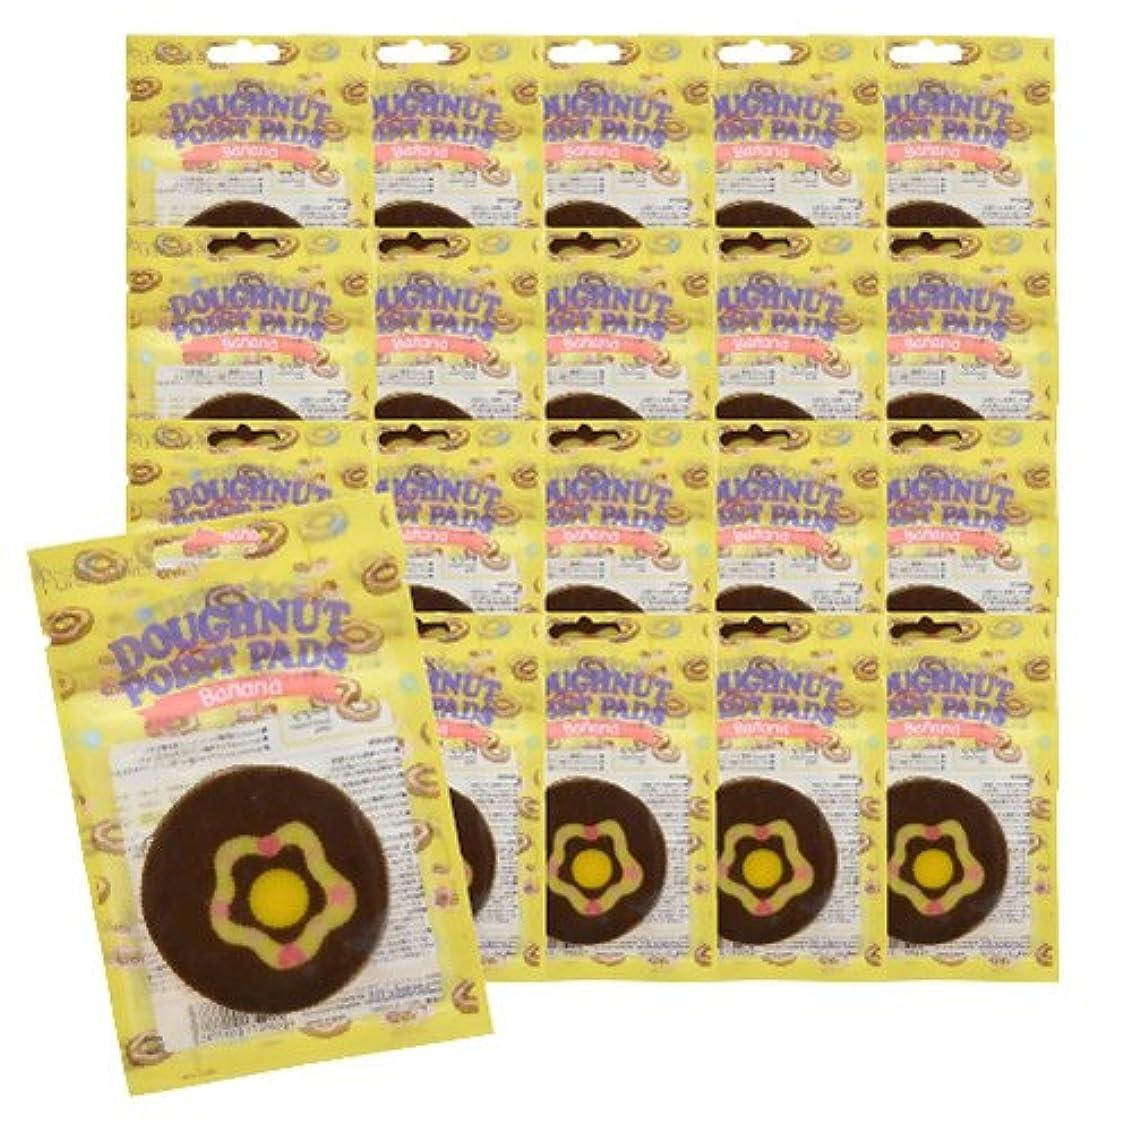 クロニクルラブ香りピュアスマイル スイートドーナツポイントパッド バナナ 20枚パック